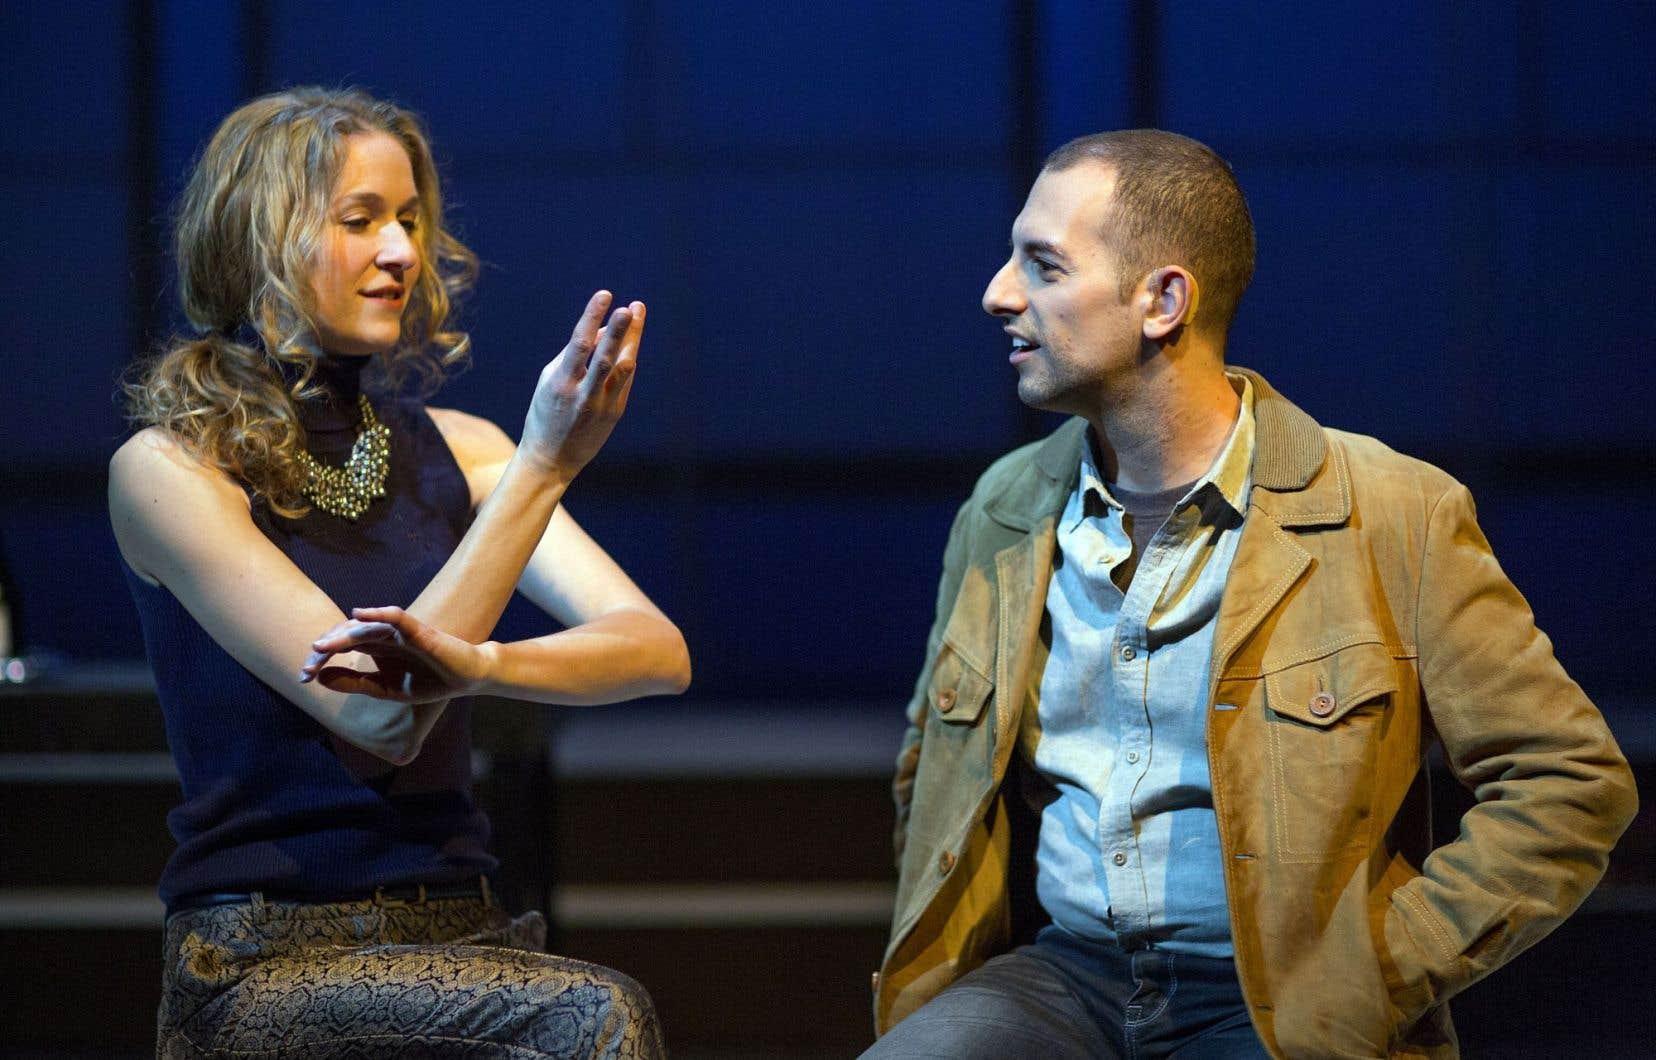 Jack Volpe sur scène avec la comédienne Andréa Runge, pendant une répétition de la pièce «Tribes», qui prend l'affiche le 3décembre au centre Segal de Montréal.